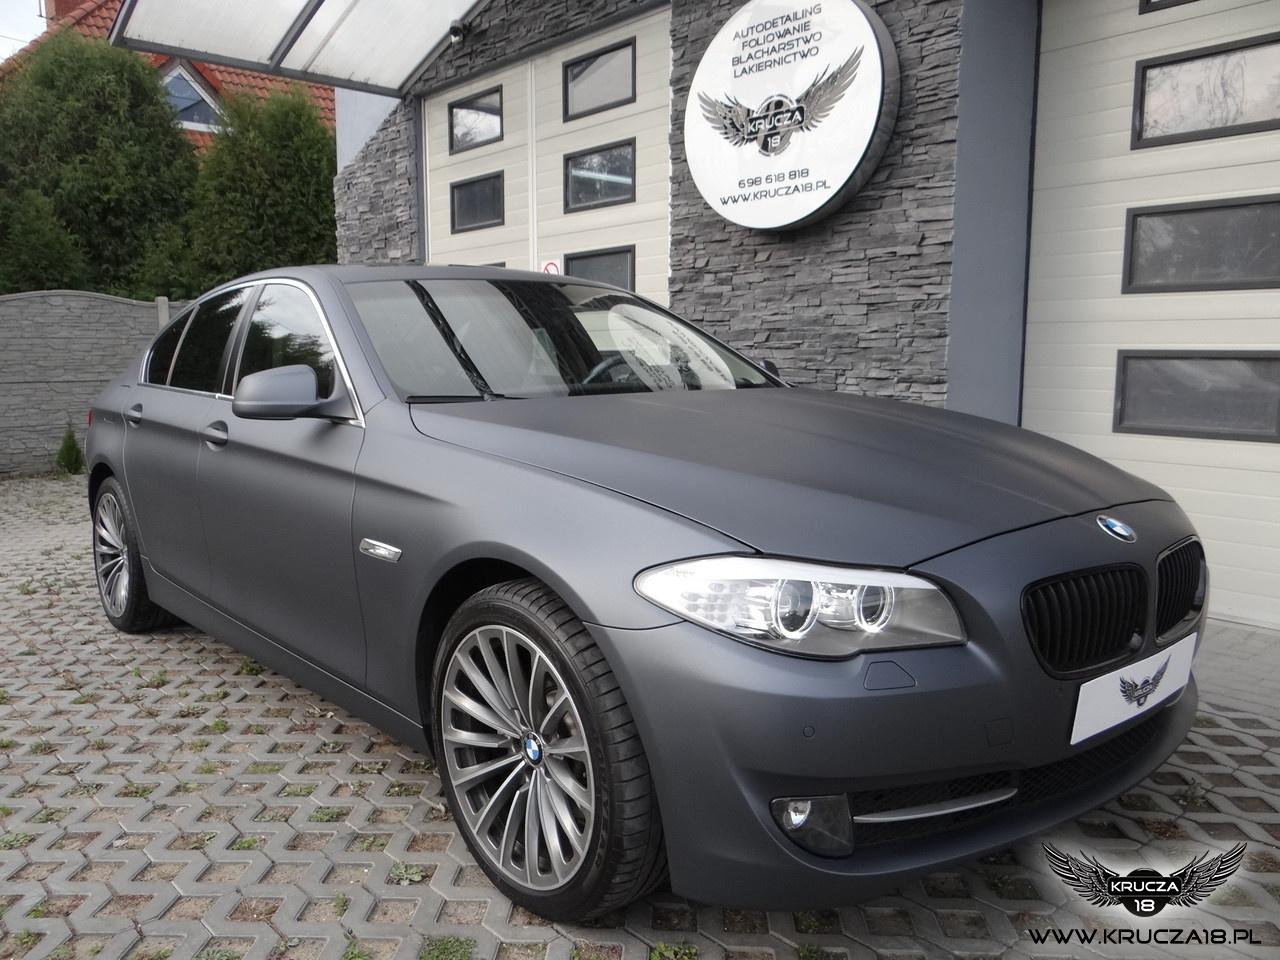 BMW Arlon Matte Gunpowder Metallic